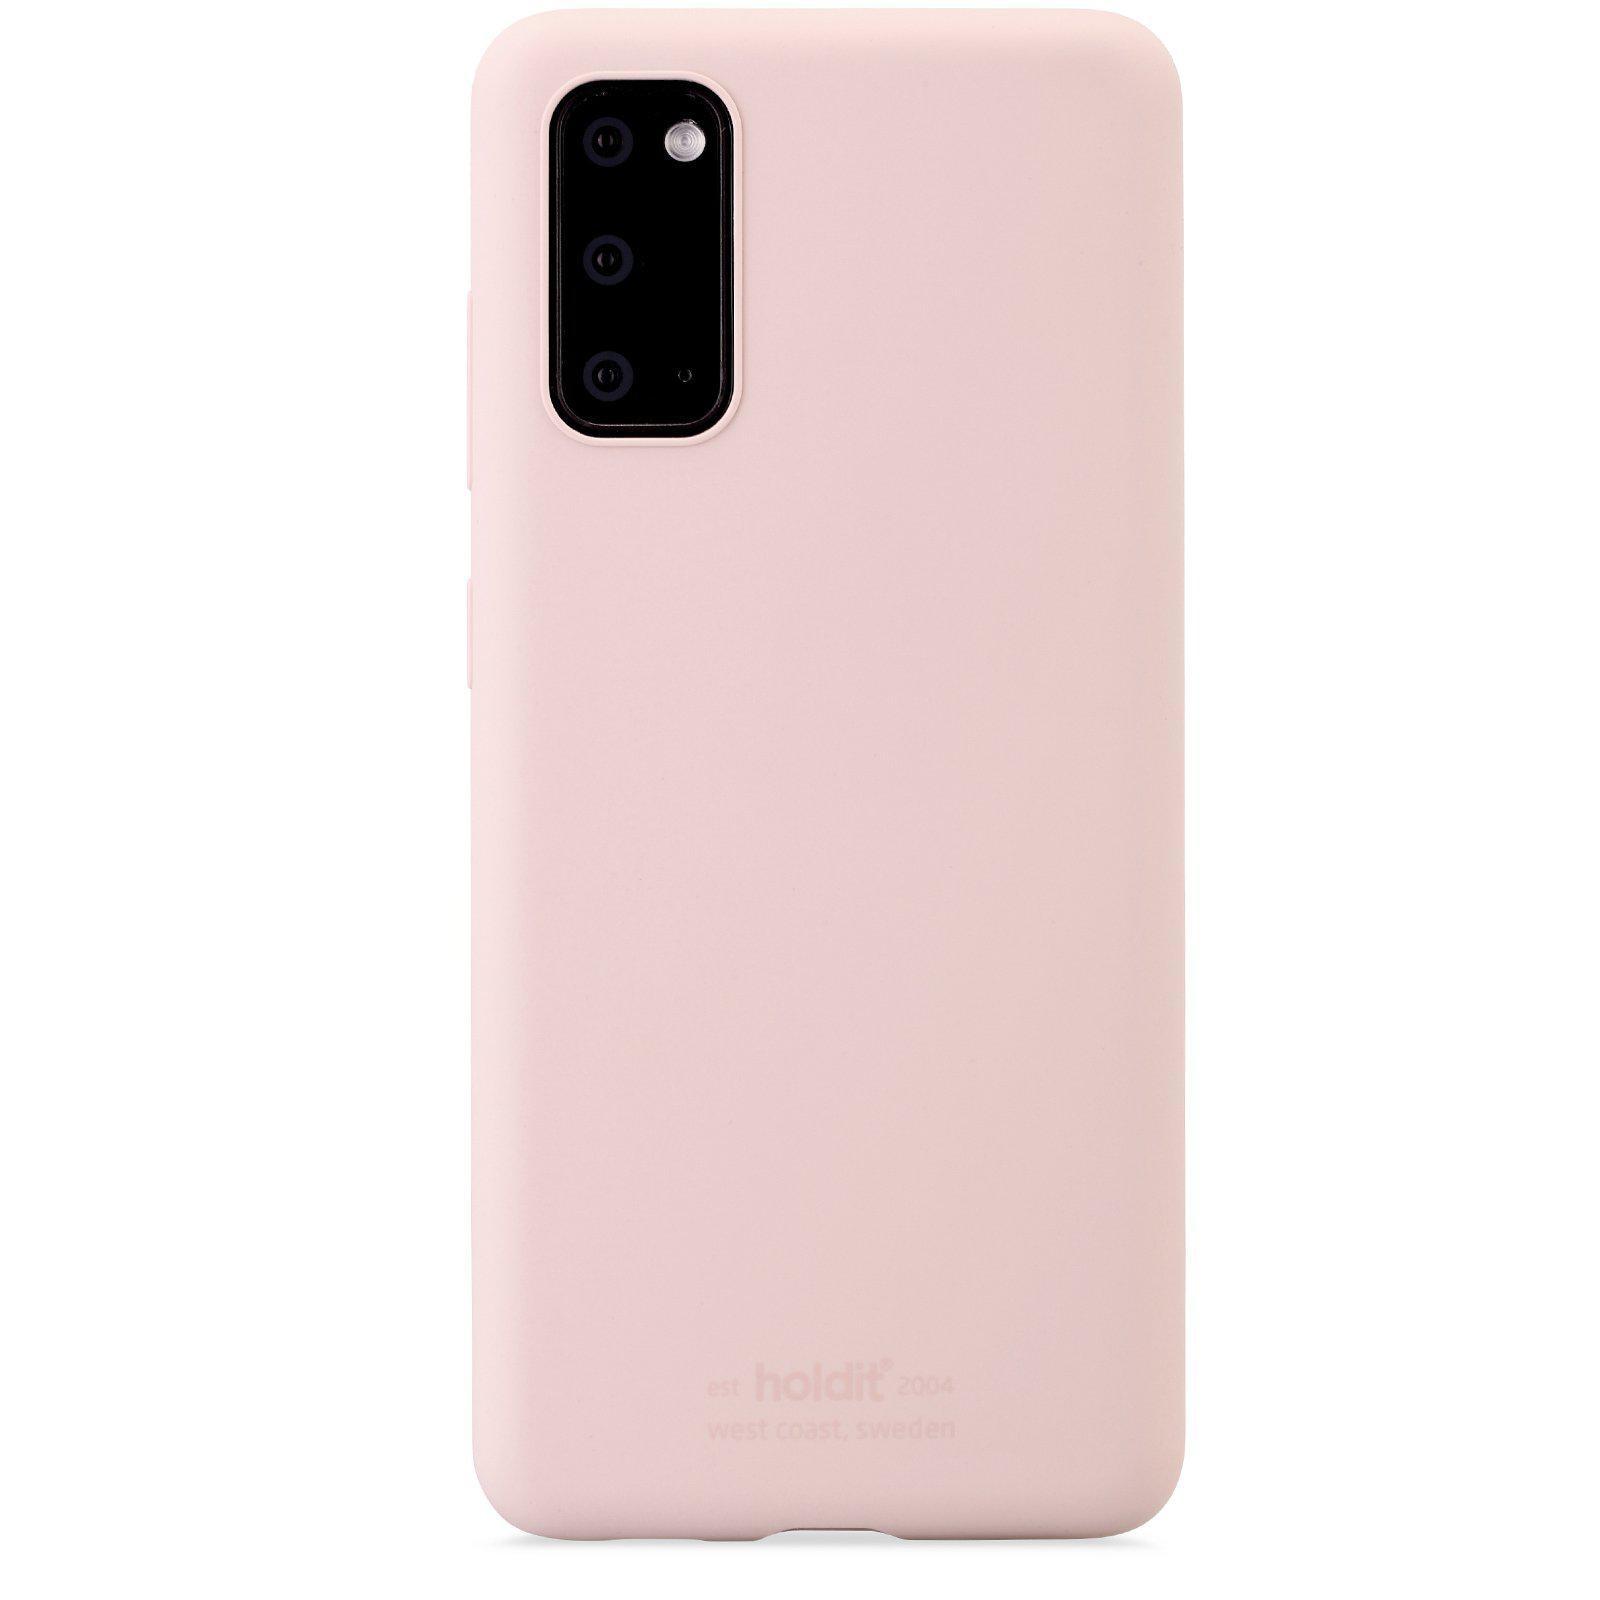 Silikonikuori Galaxy S20 Blush Pink